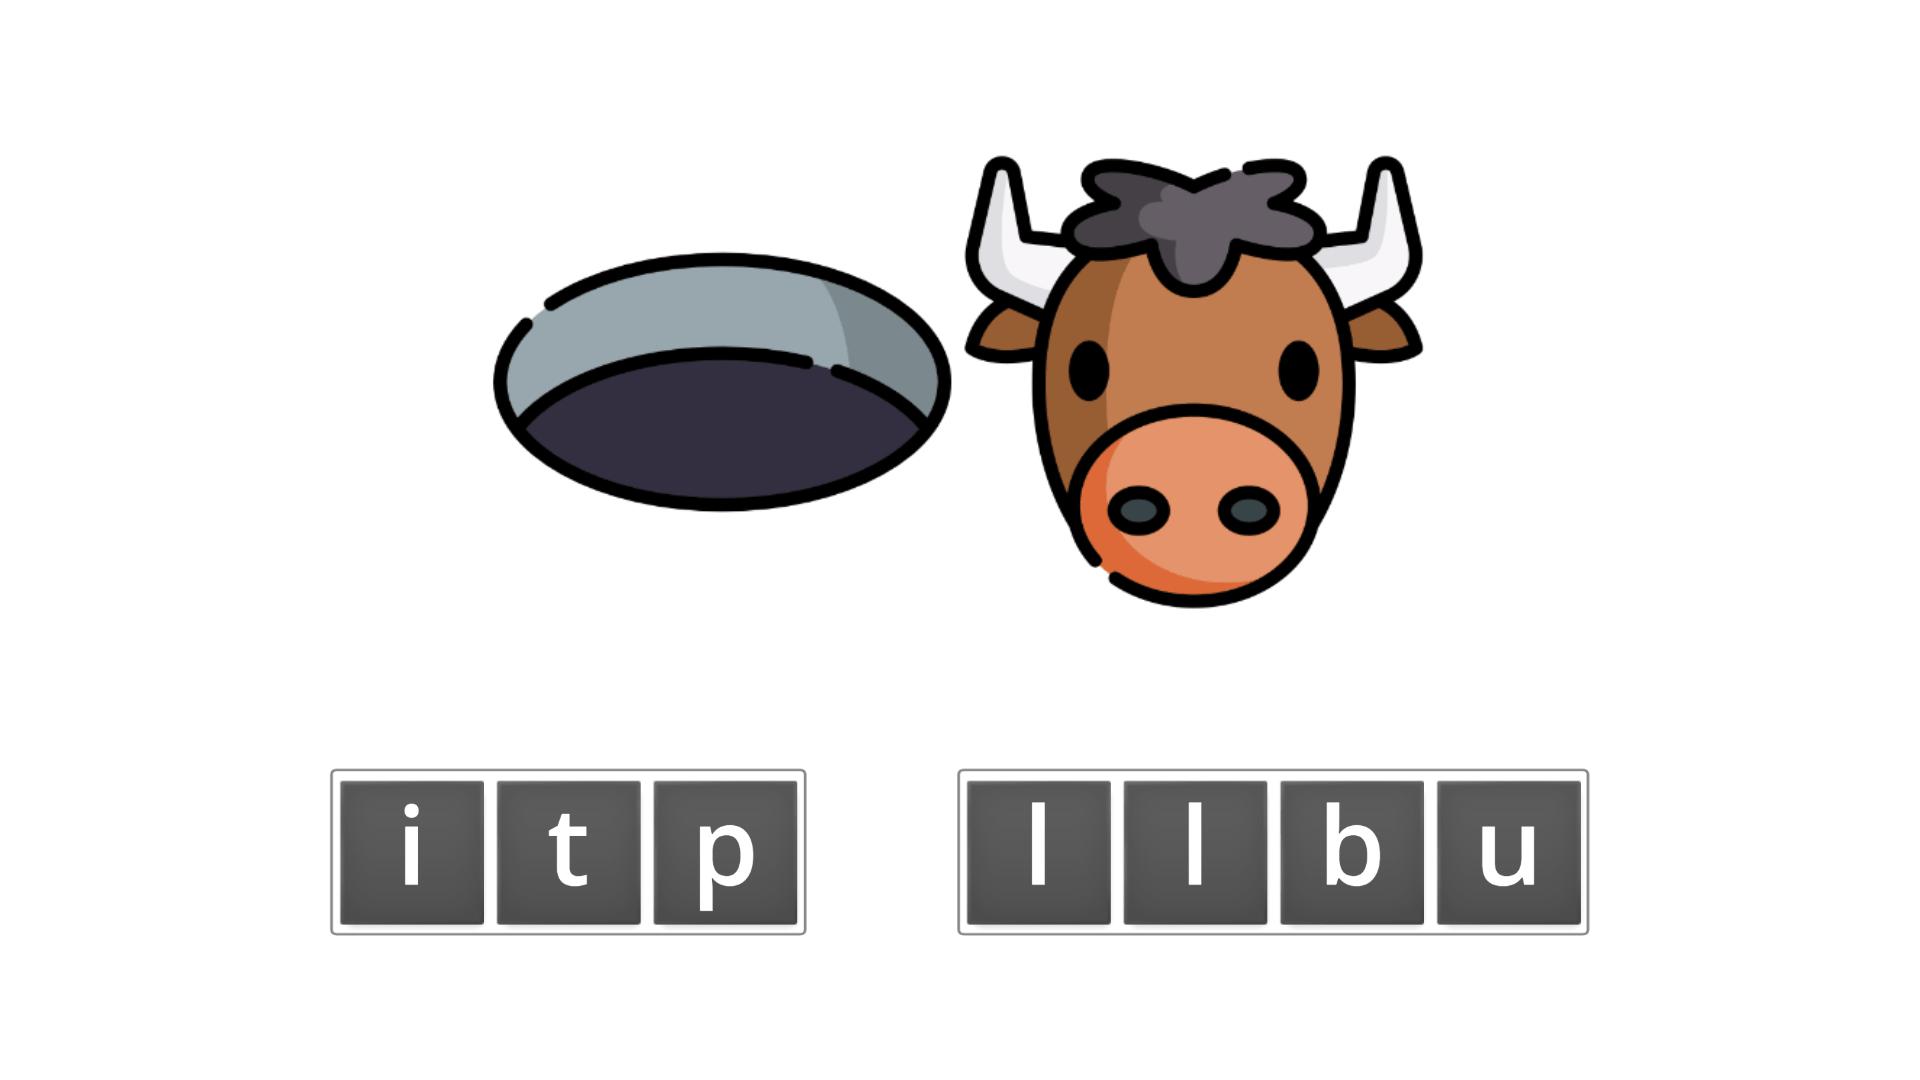 esl resources - flashcards - compound nouns  - unscramble - pit bull